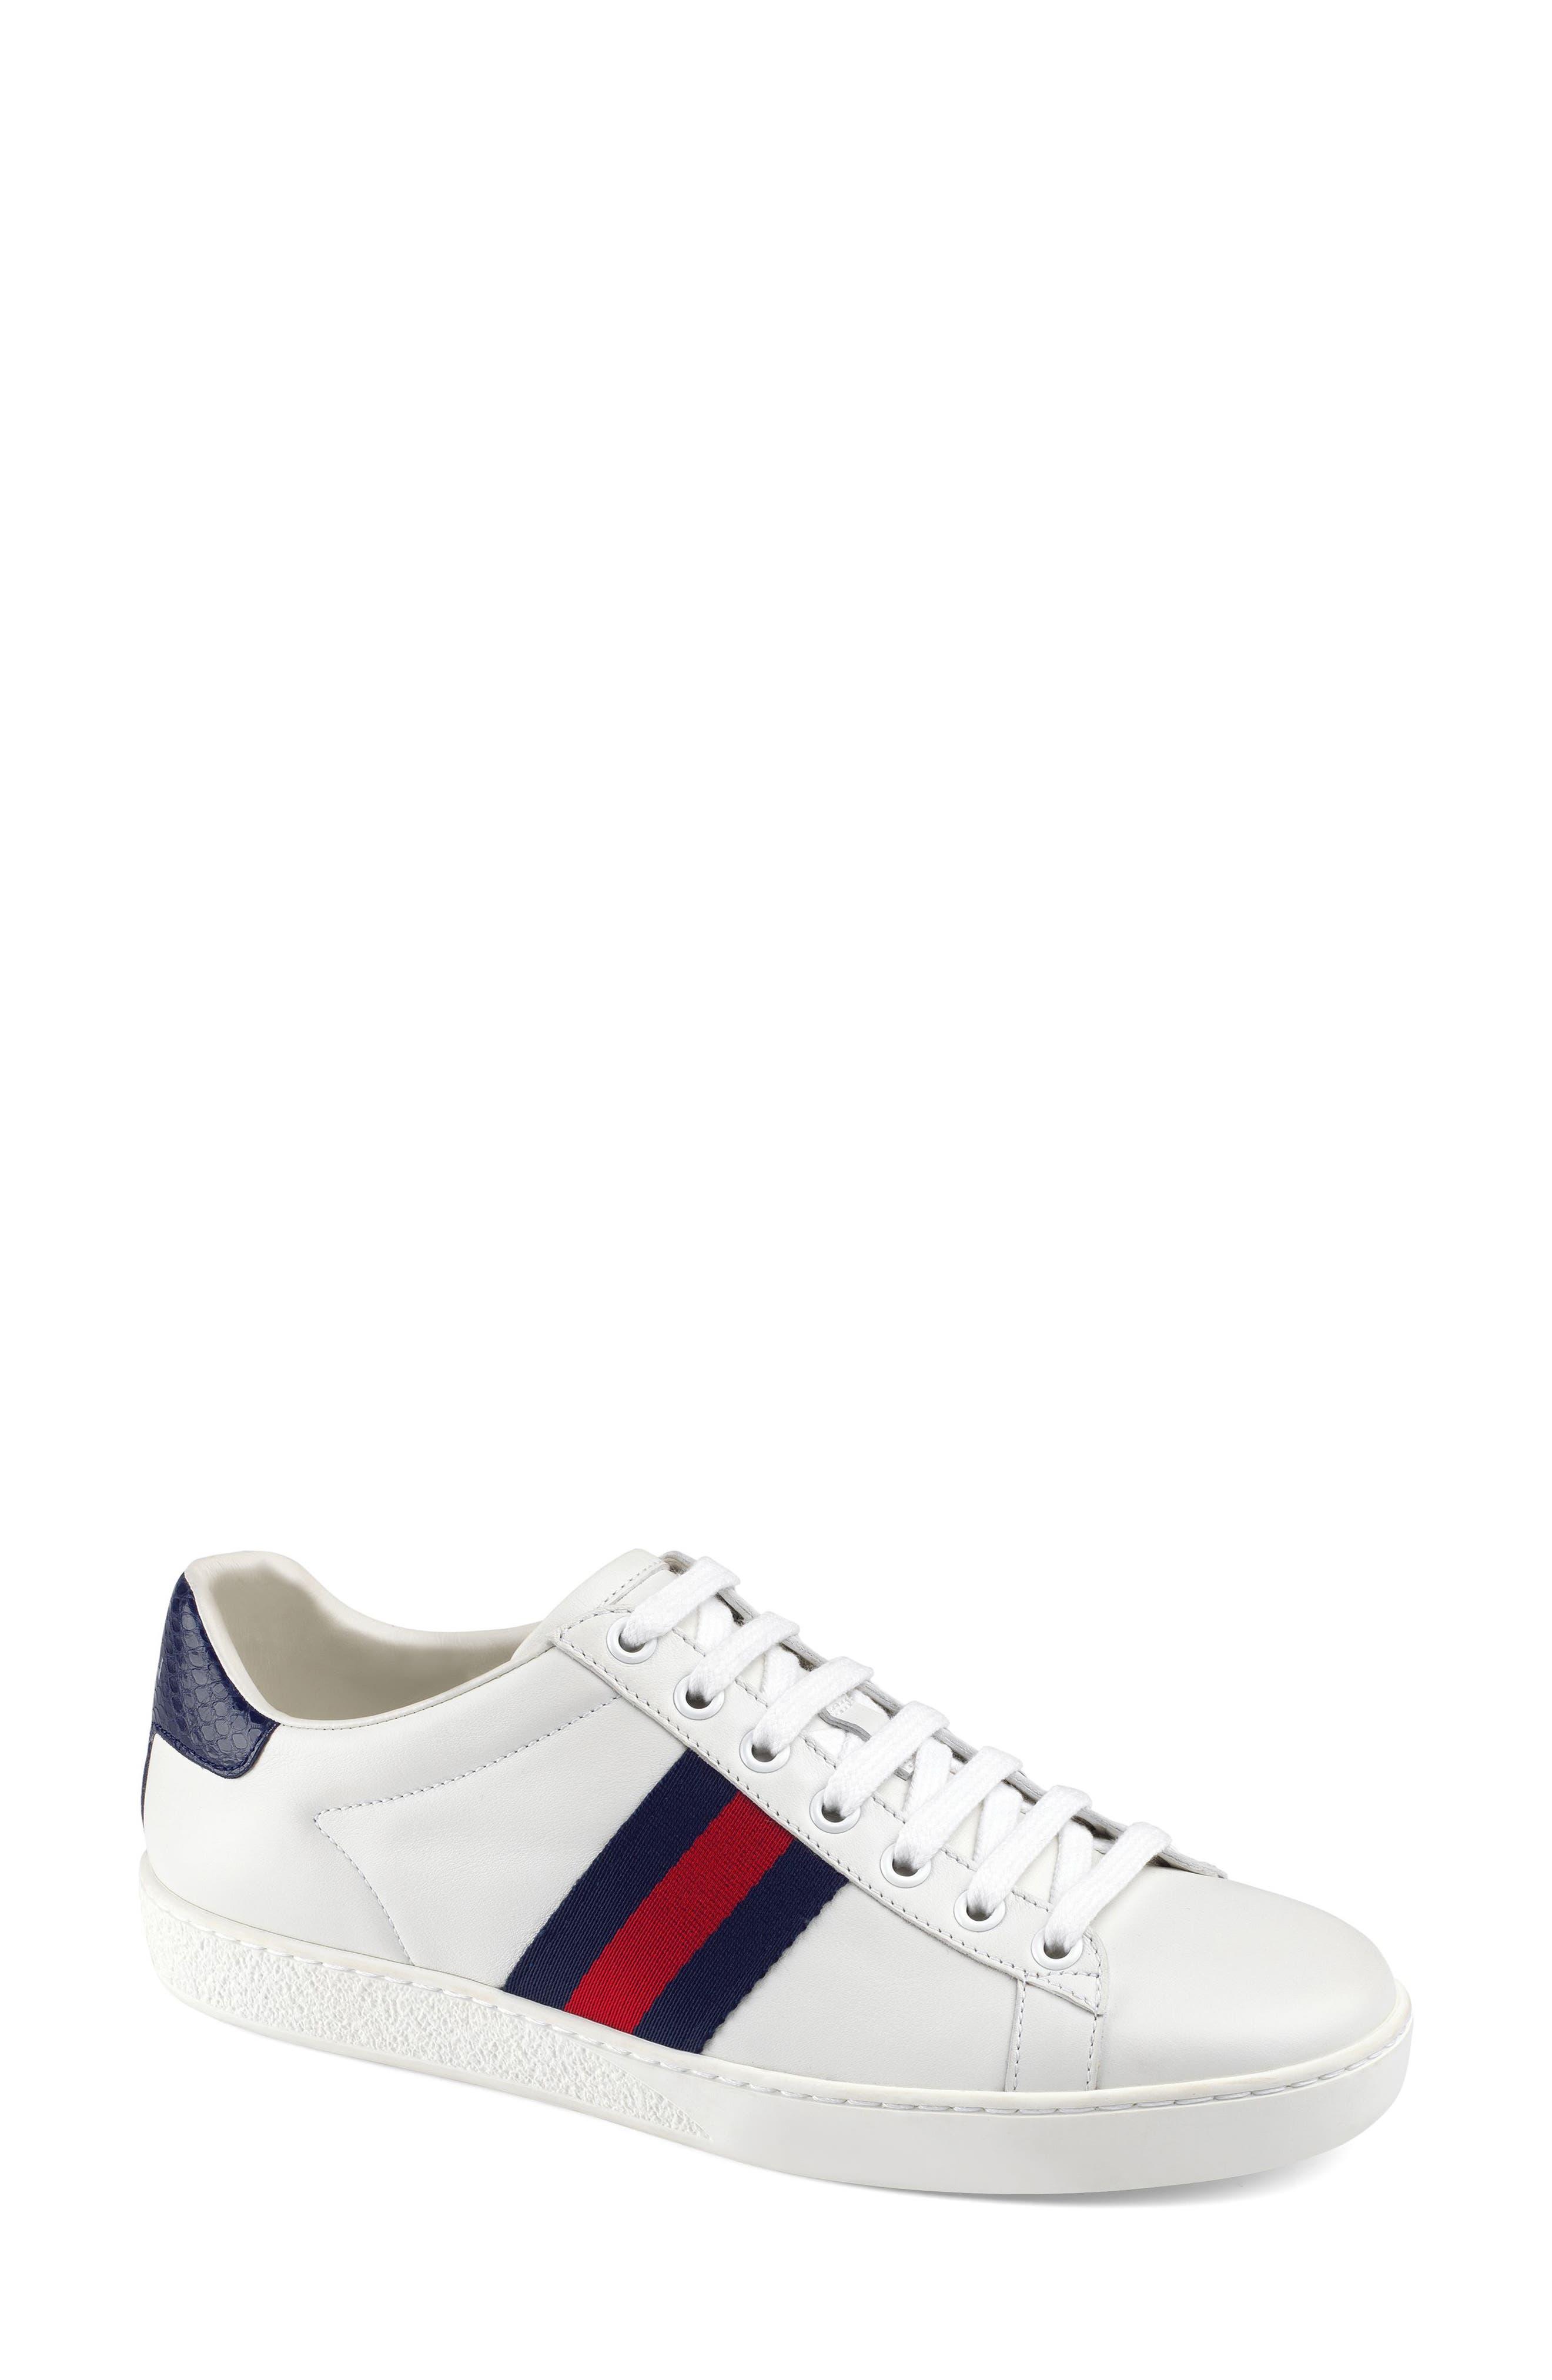 5db1133dcd8 Gucci  New Ace  Sneaker